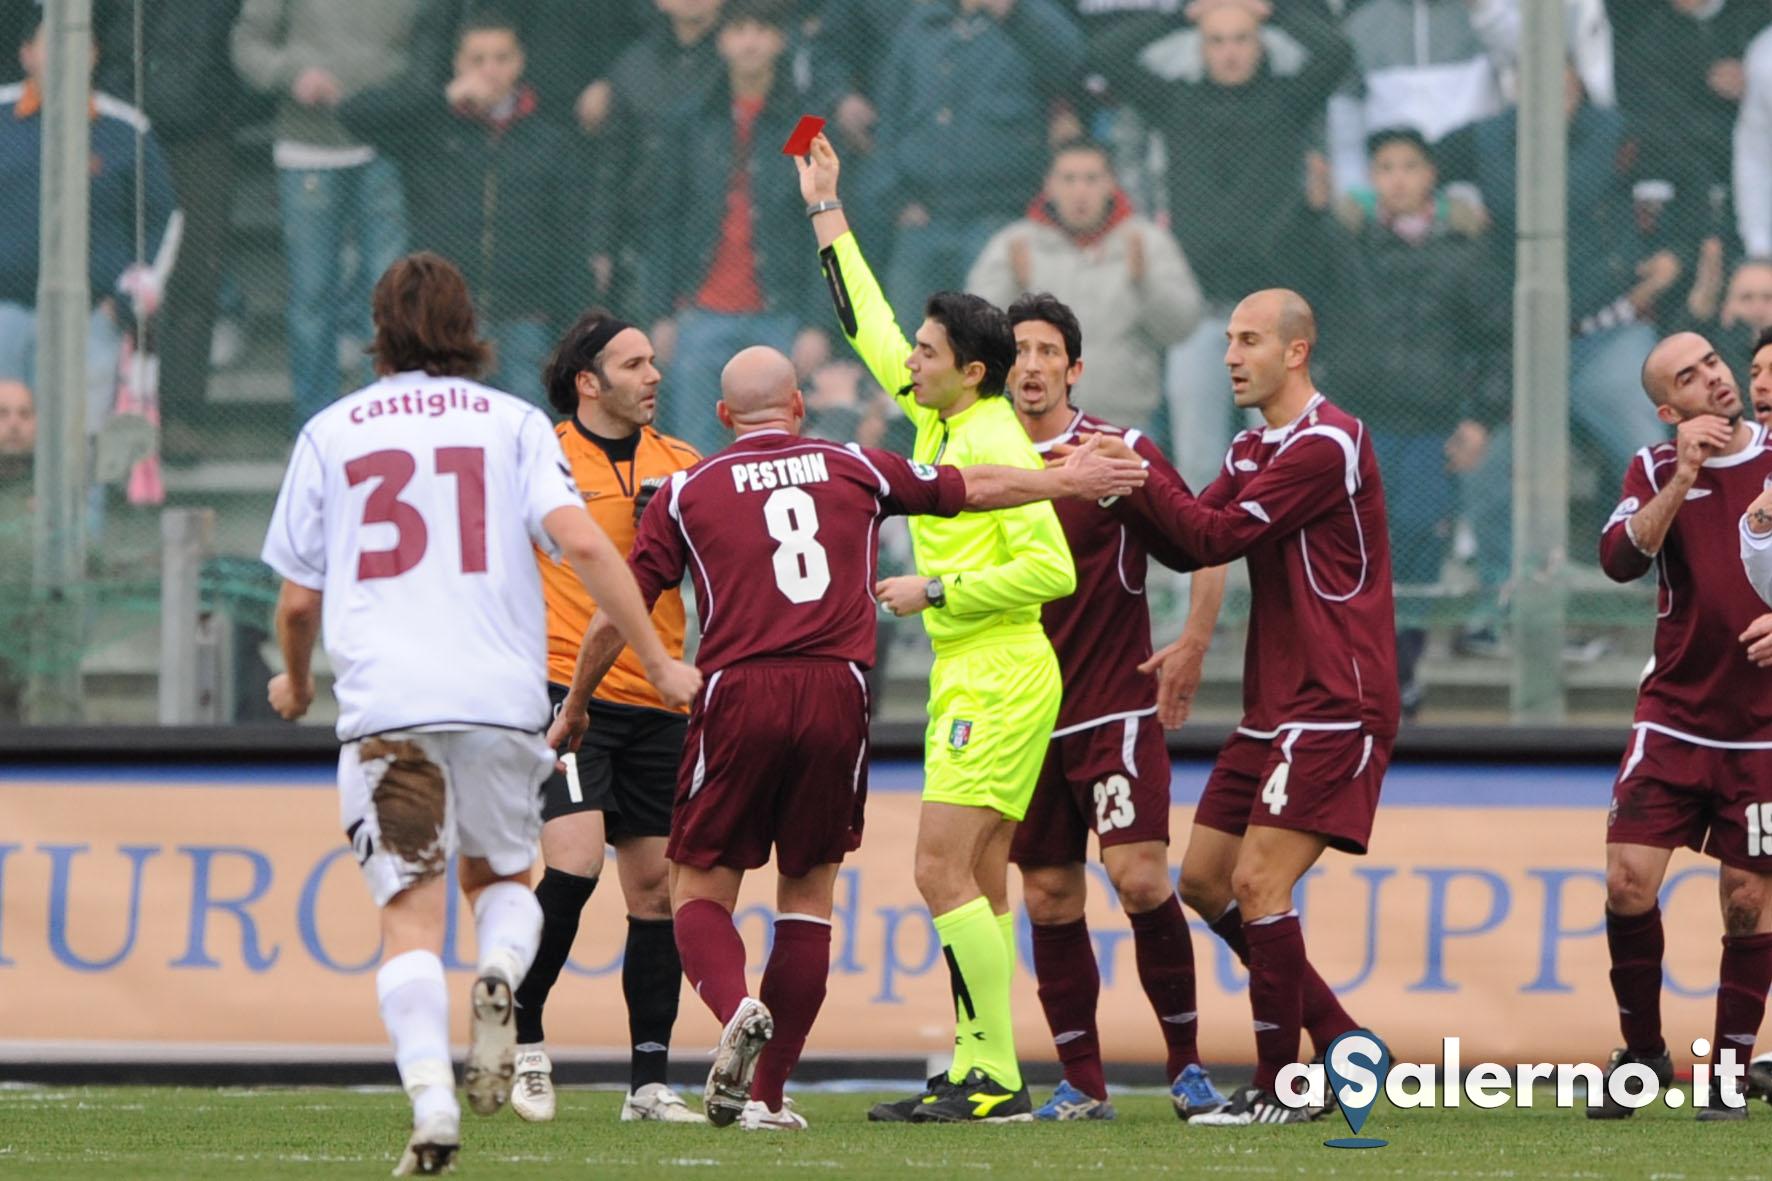 Sal : salernitana-Cittadella Campionato Serie B 2008/09 nella foto l'espulsione di pinna Foto Tanopress